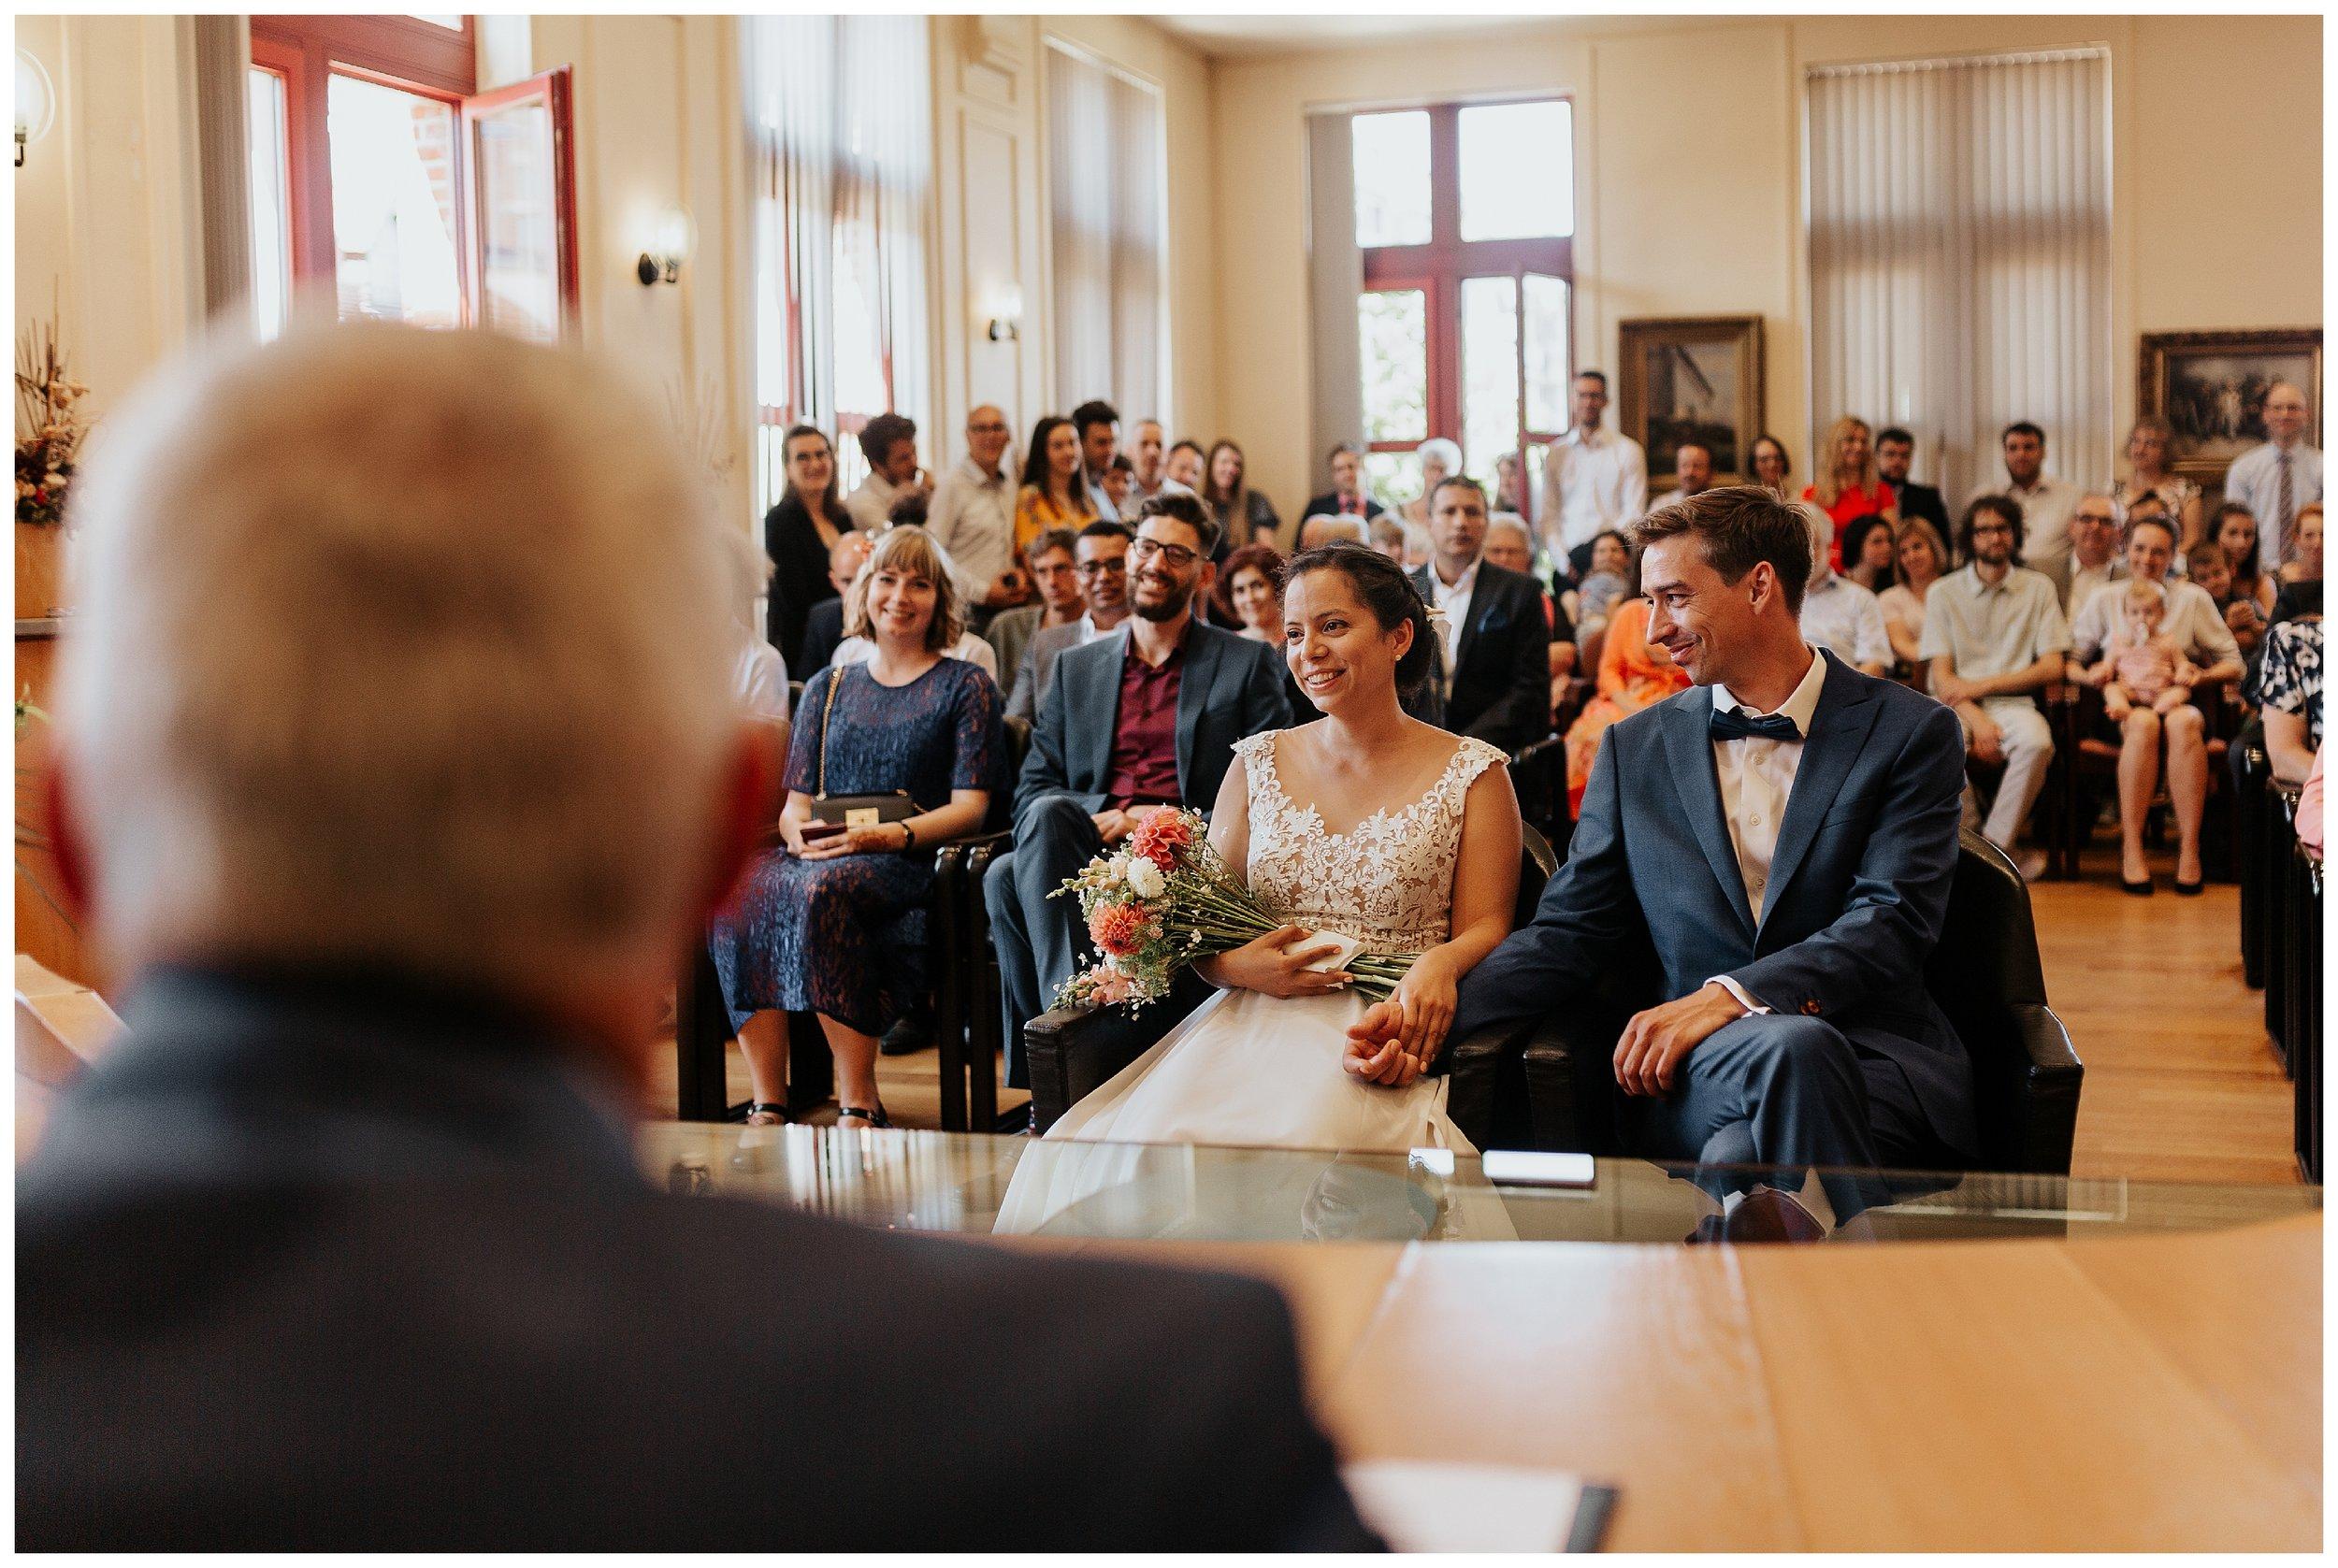 huwelijksfotograaf-huwelijksfotografie-knokke-heist-lisa-helsen-photography-trouwfotograaf-trouwfoto-sabine-pieter_0006.jpg